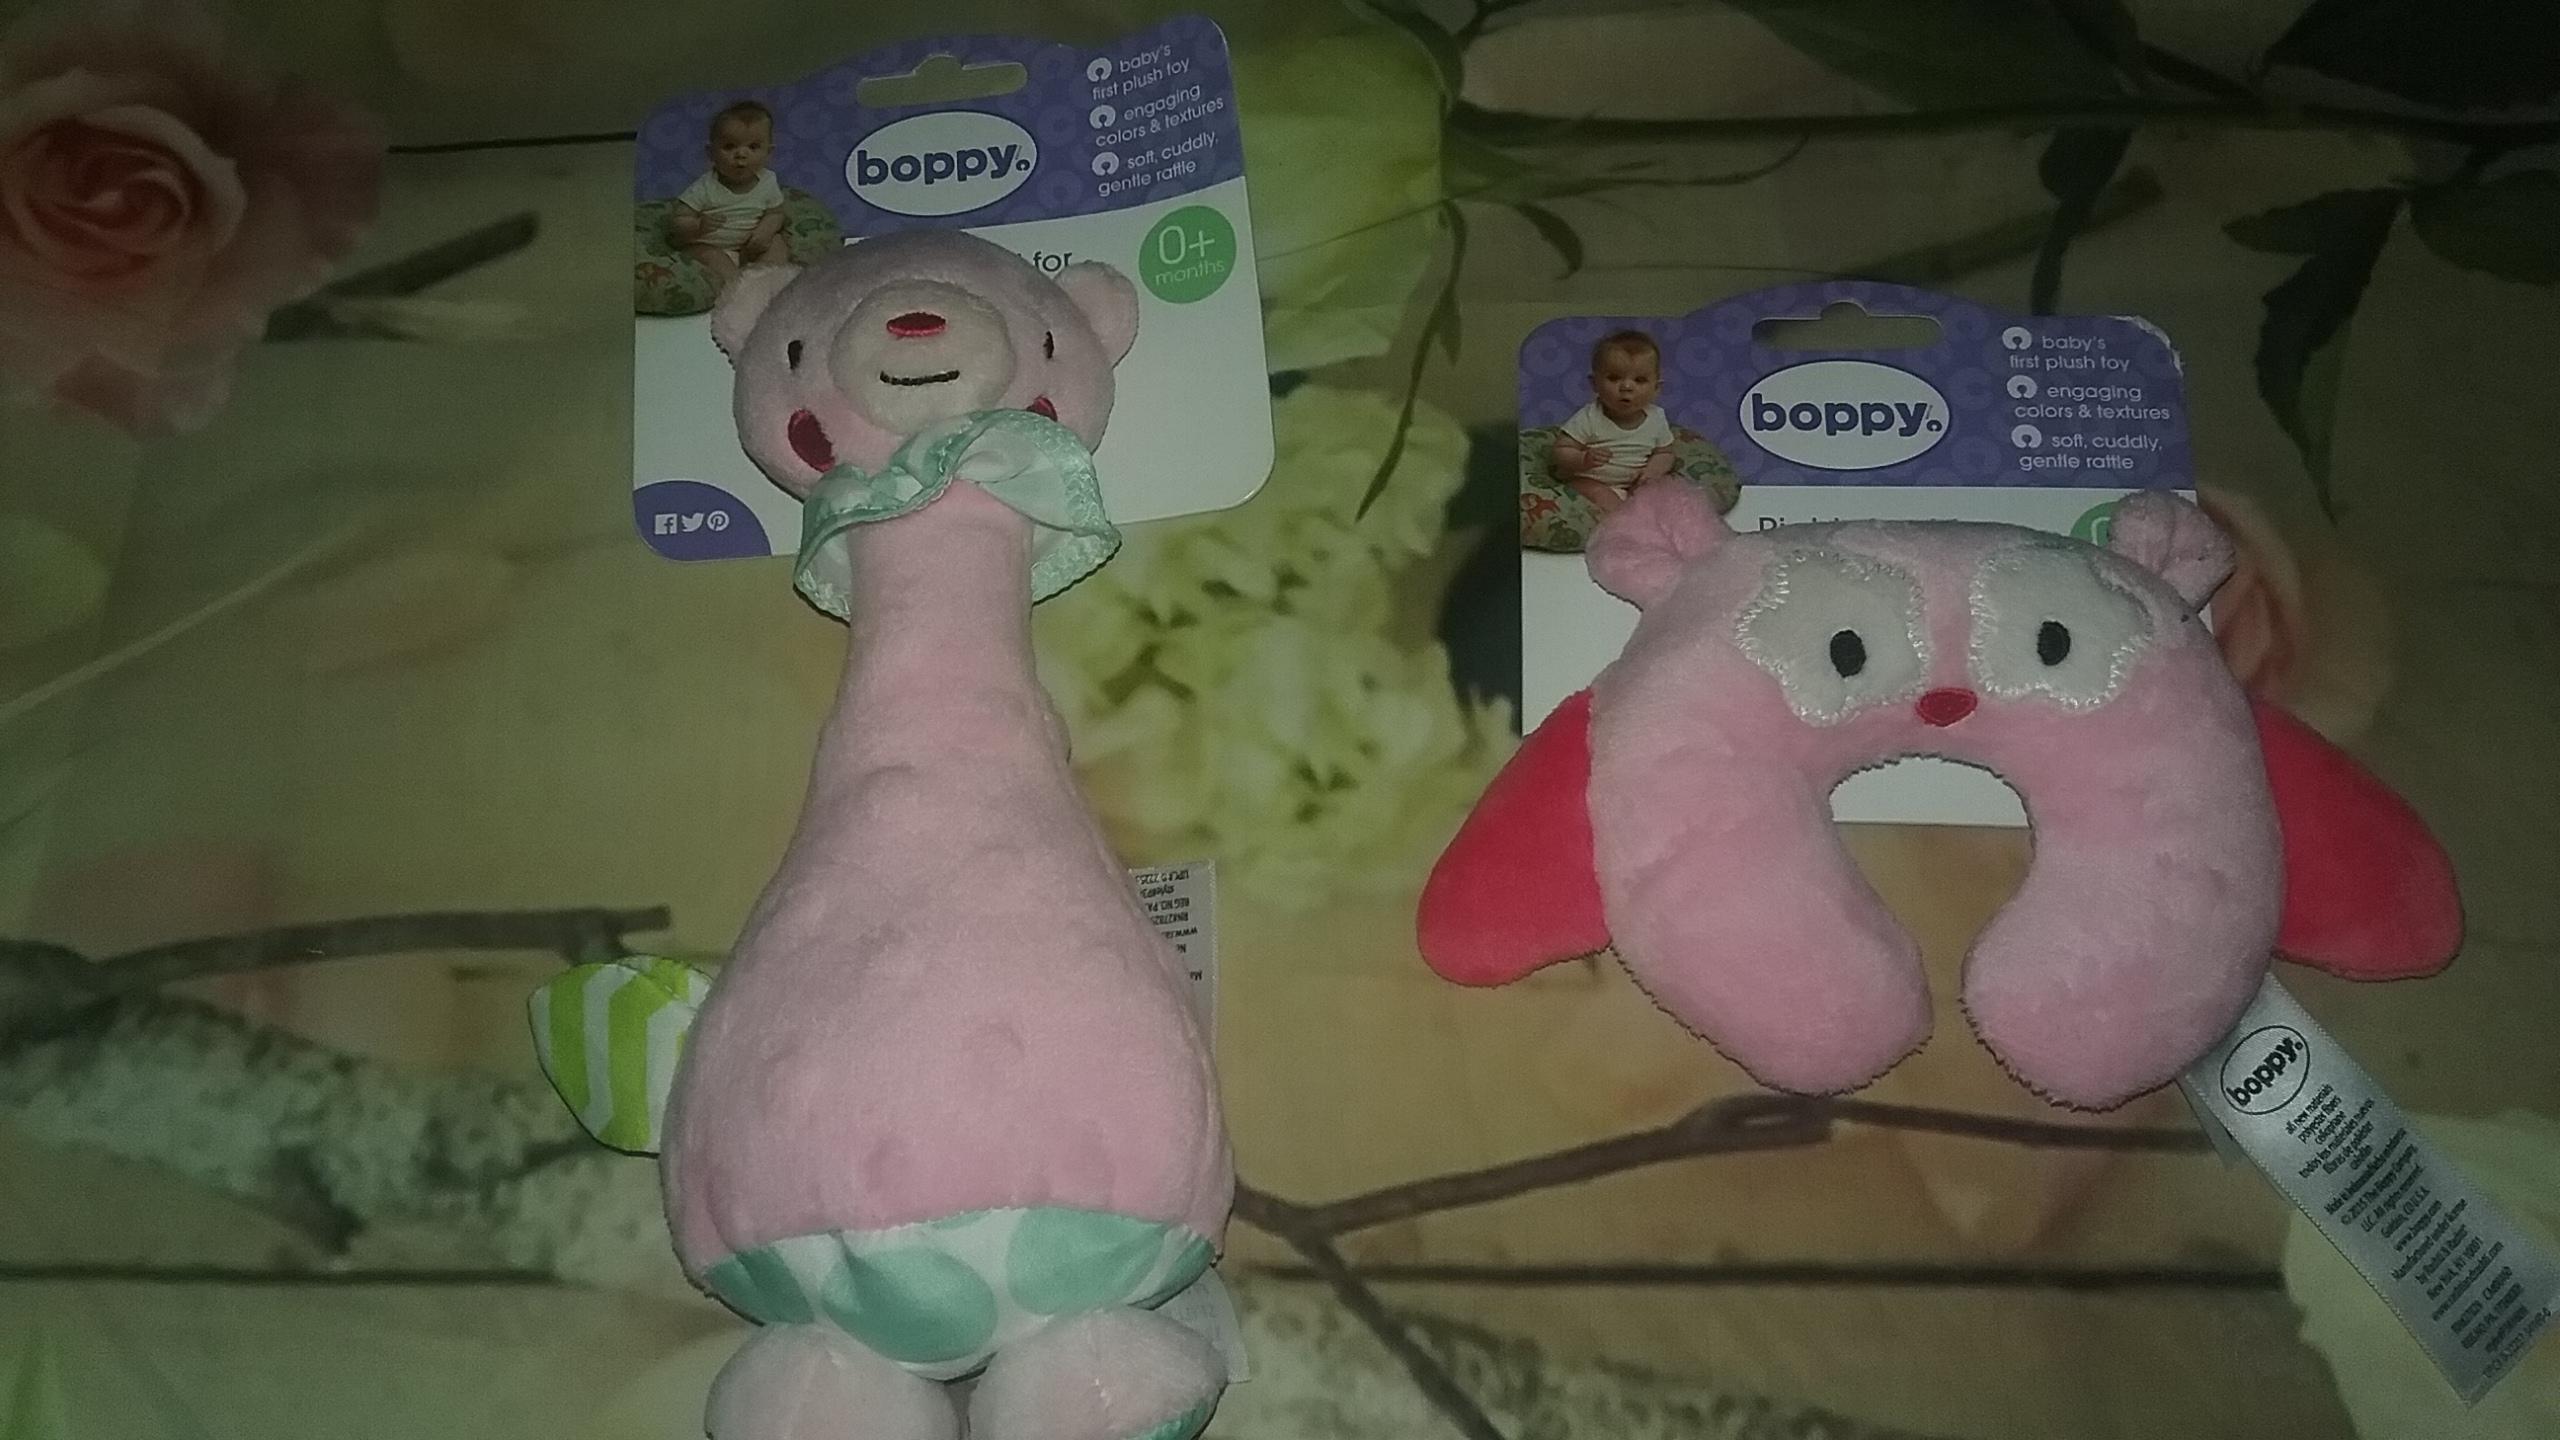 boppy-toys